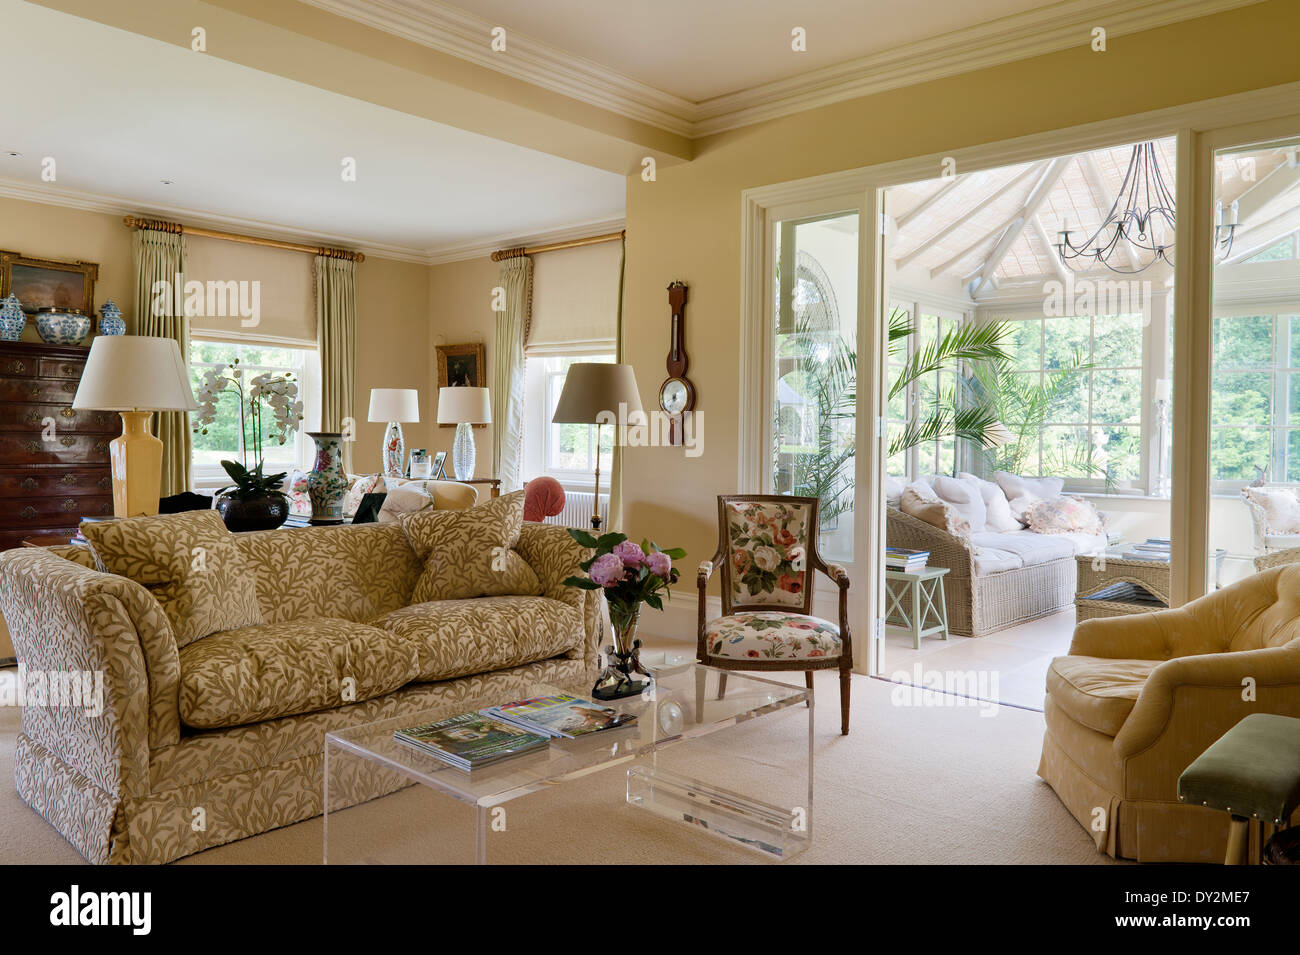 Stunning Soggiorno Francese Ideas - Idee Arredamento Casa - baoliao.us